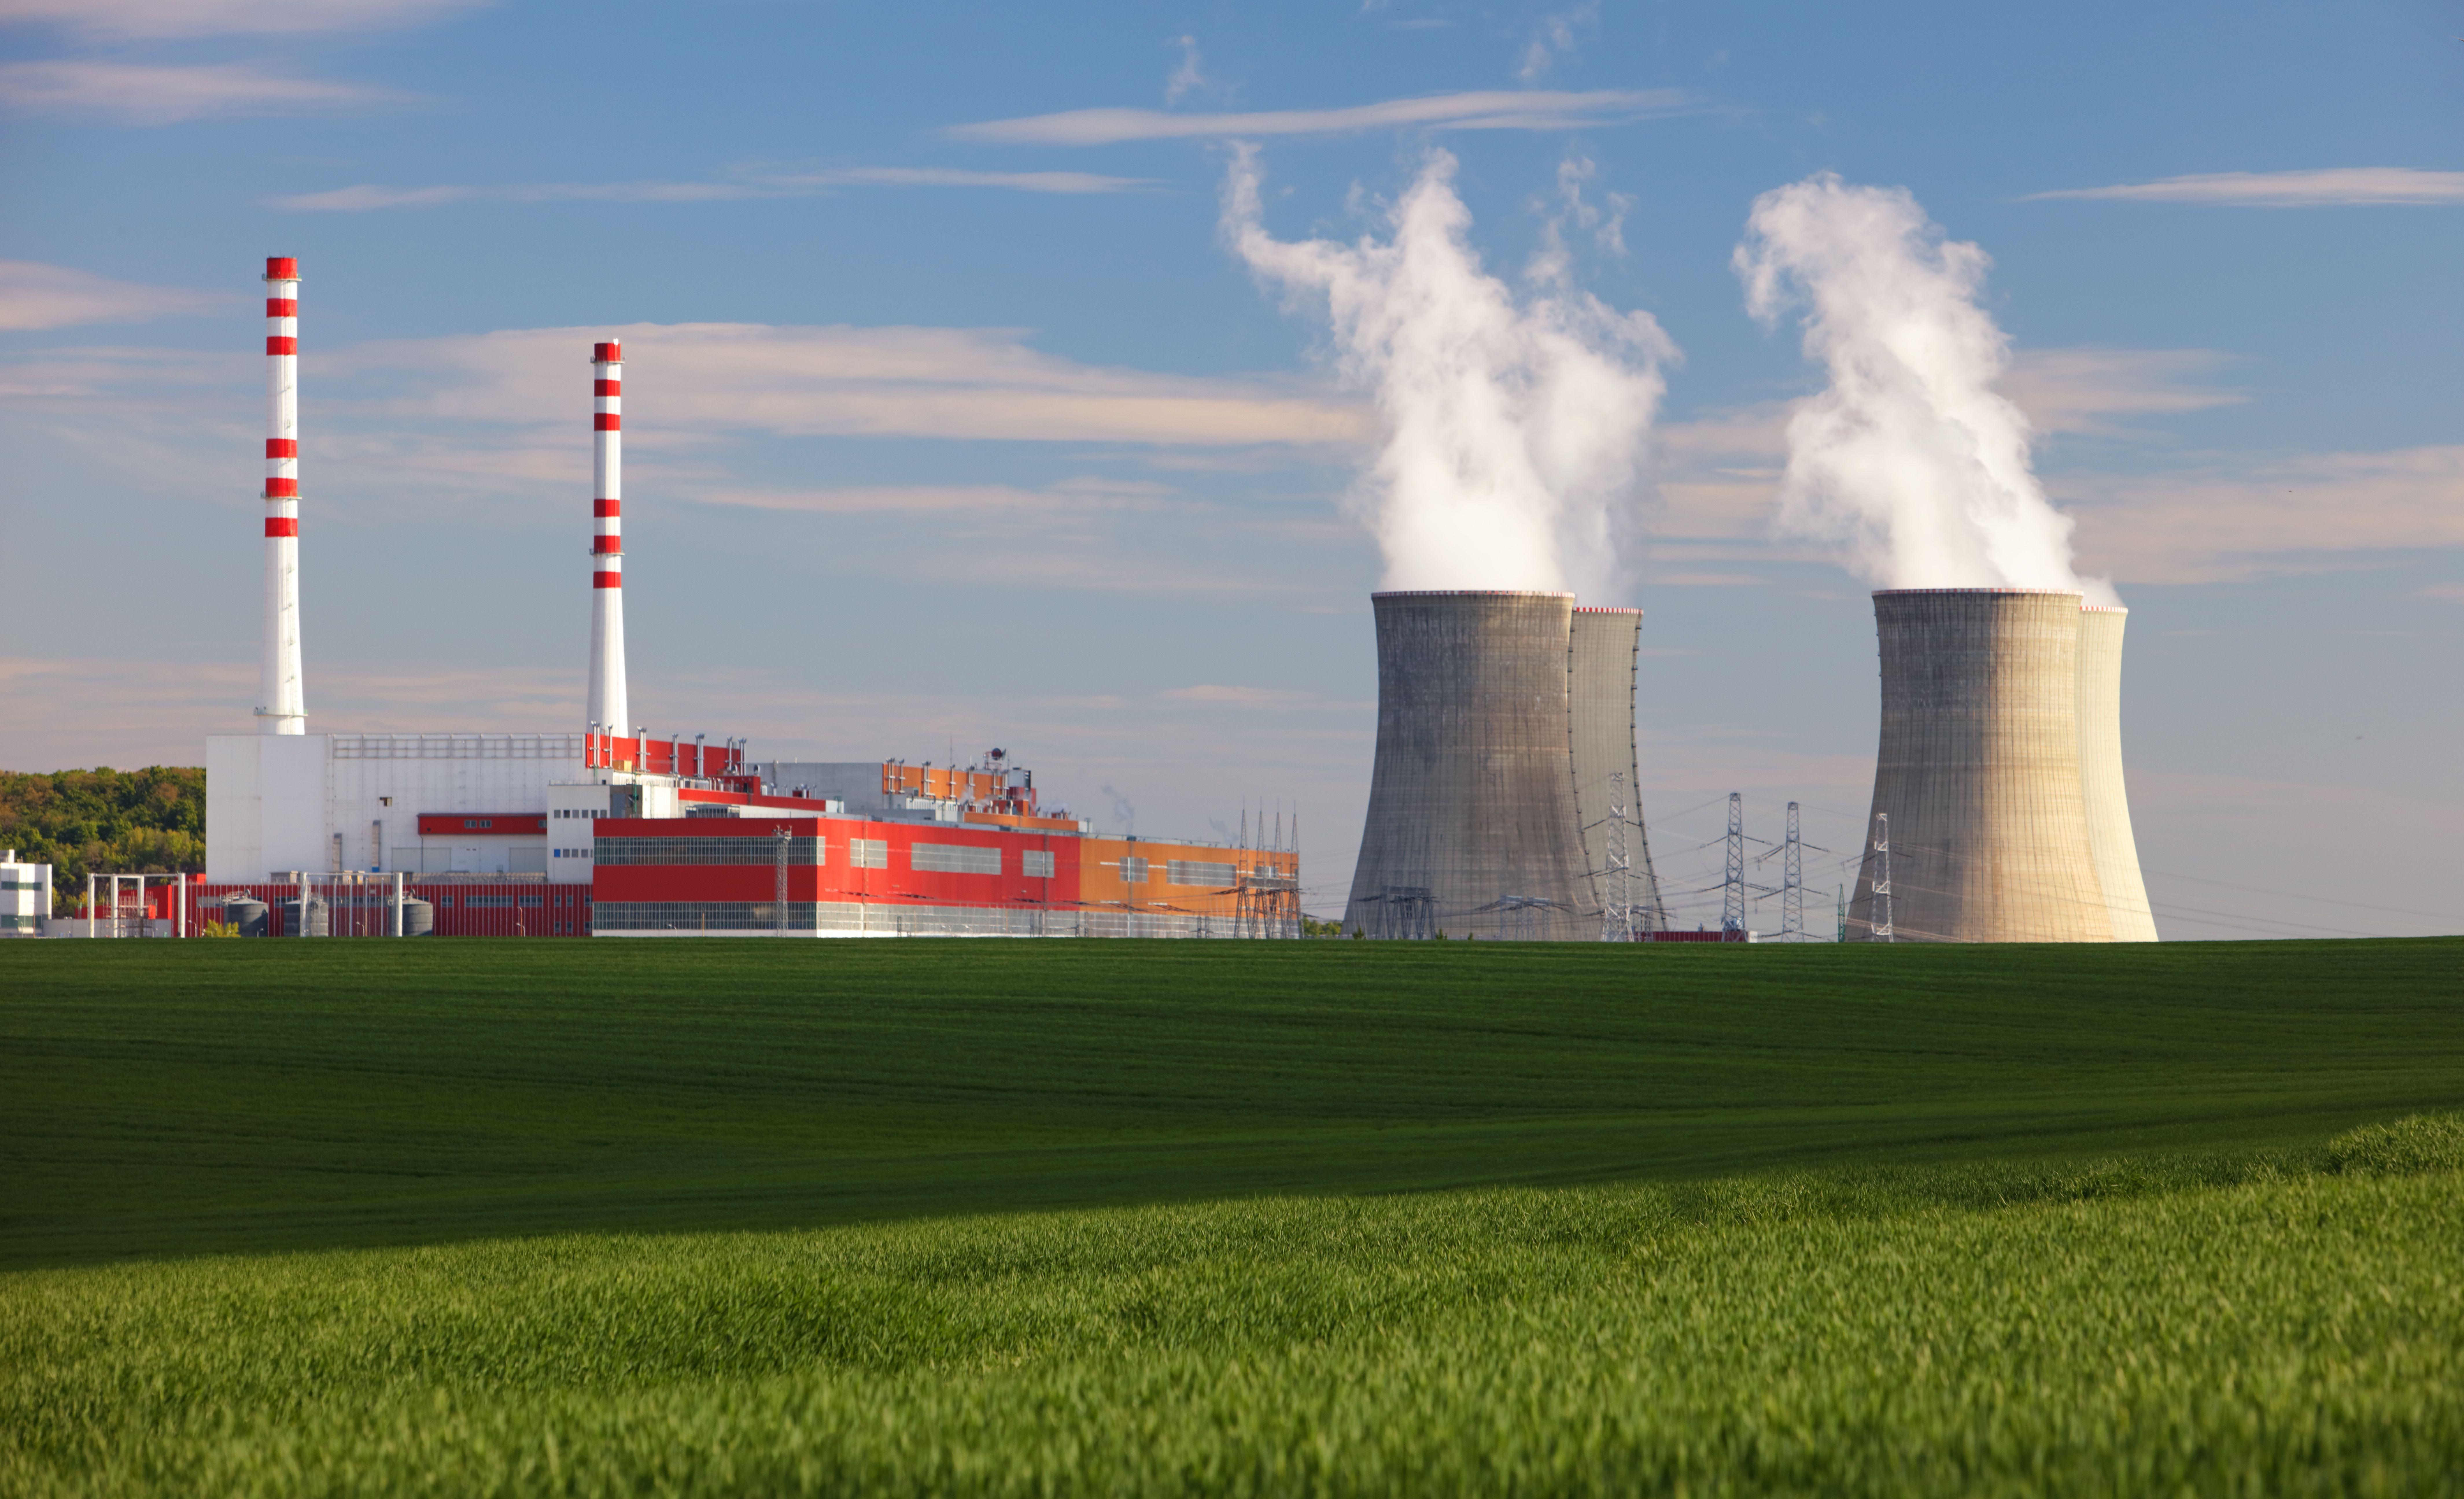 Polska przymierza się do rozwoju energetyki jądrowej (fot. Shutterstock)